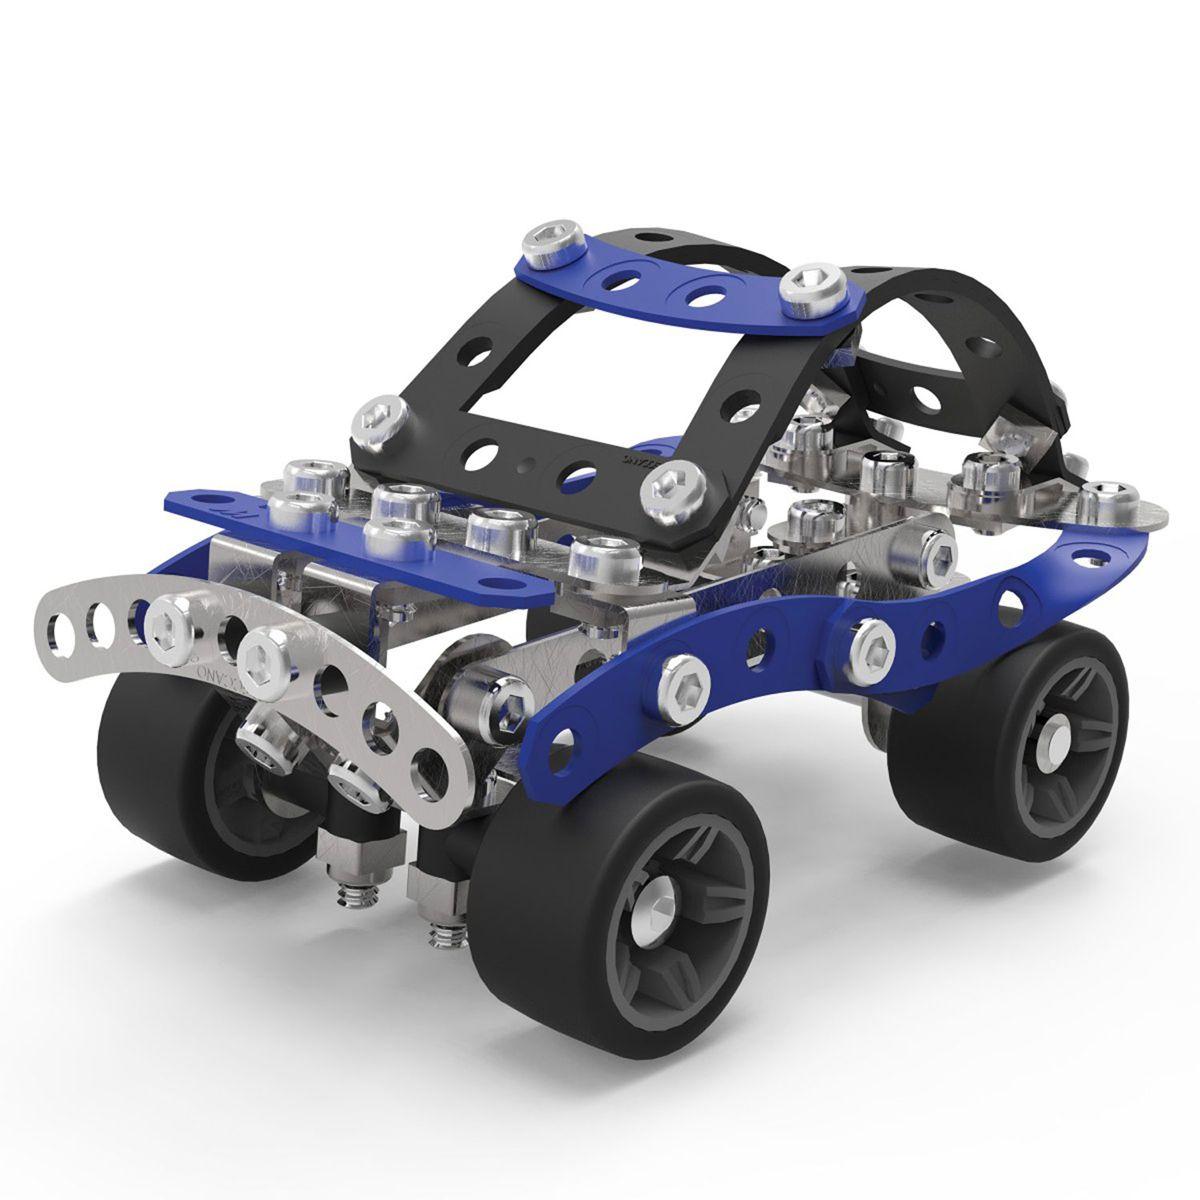 Meccano Modèles Voiture Automobile Jeux 5 Course De v8PmNOwyn0